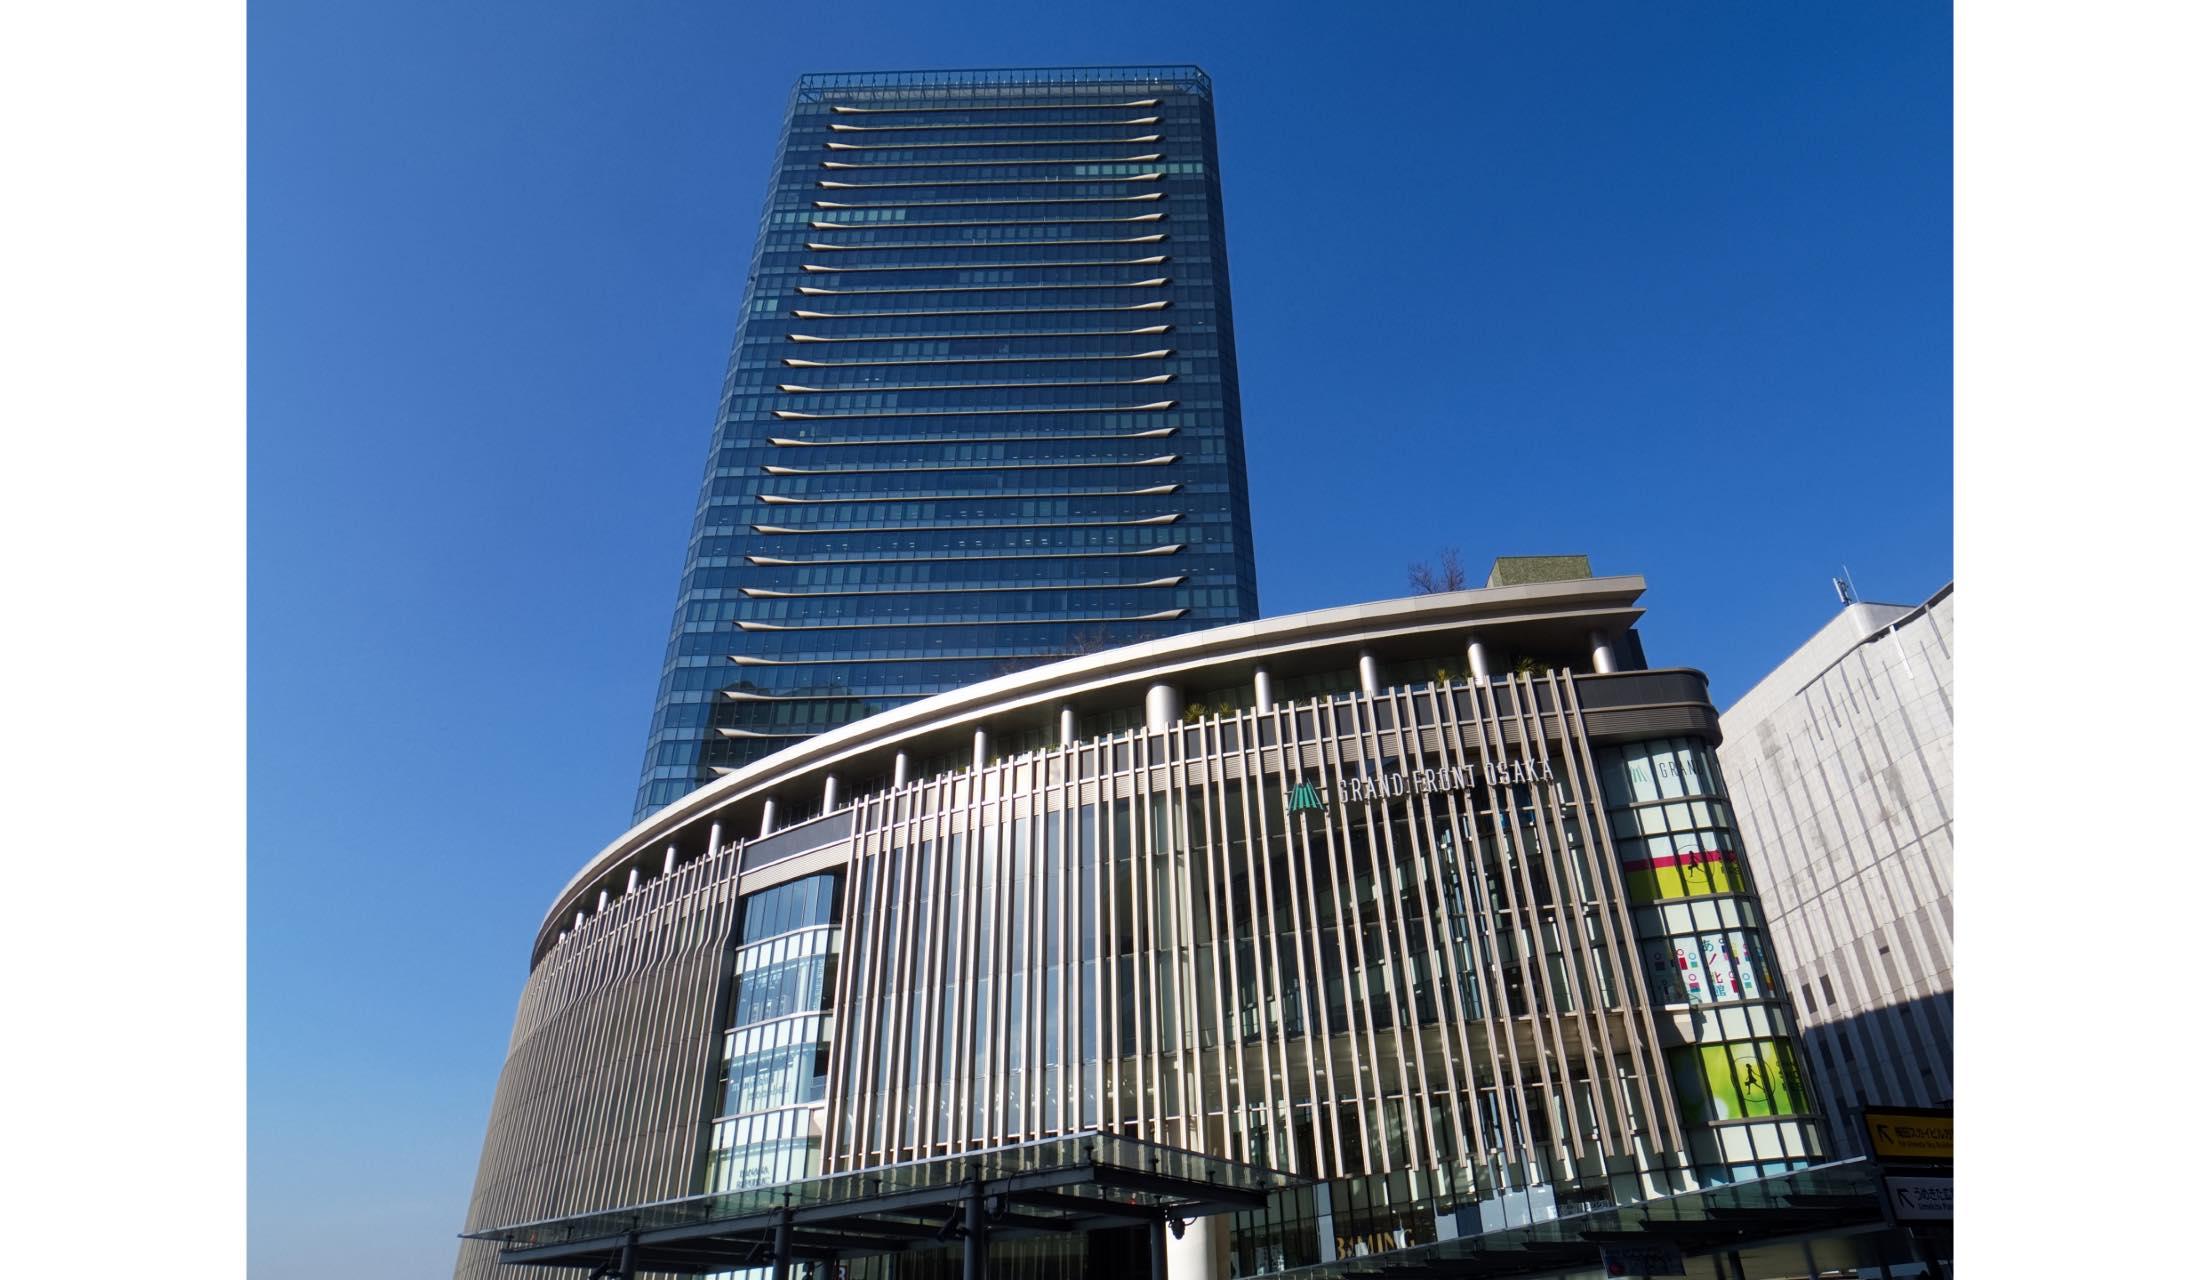 グランフロント大阪のおすすめレストラン14選